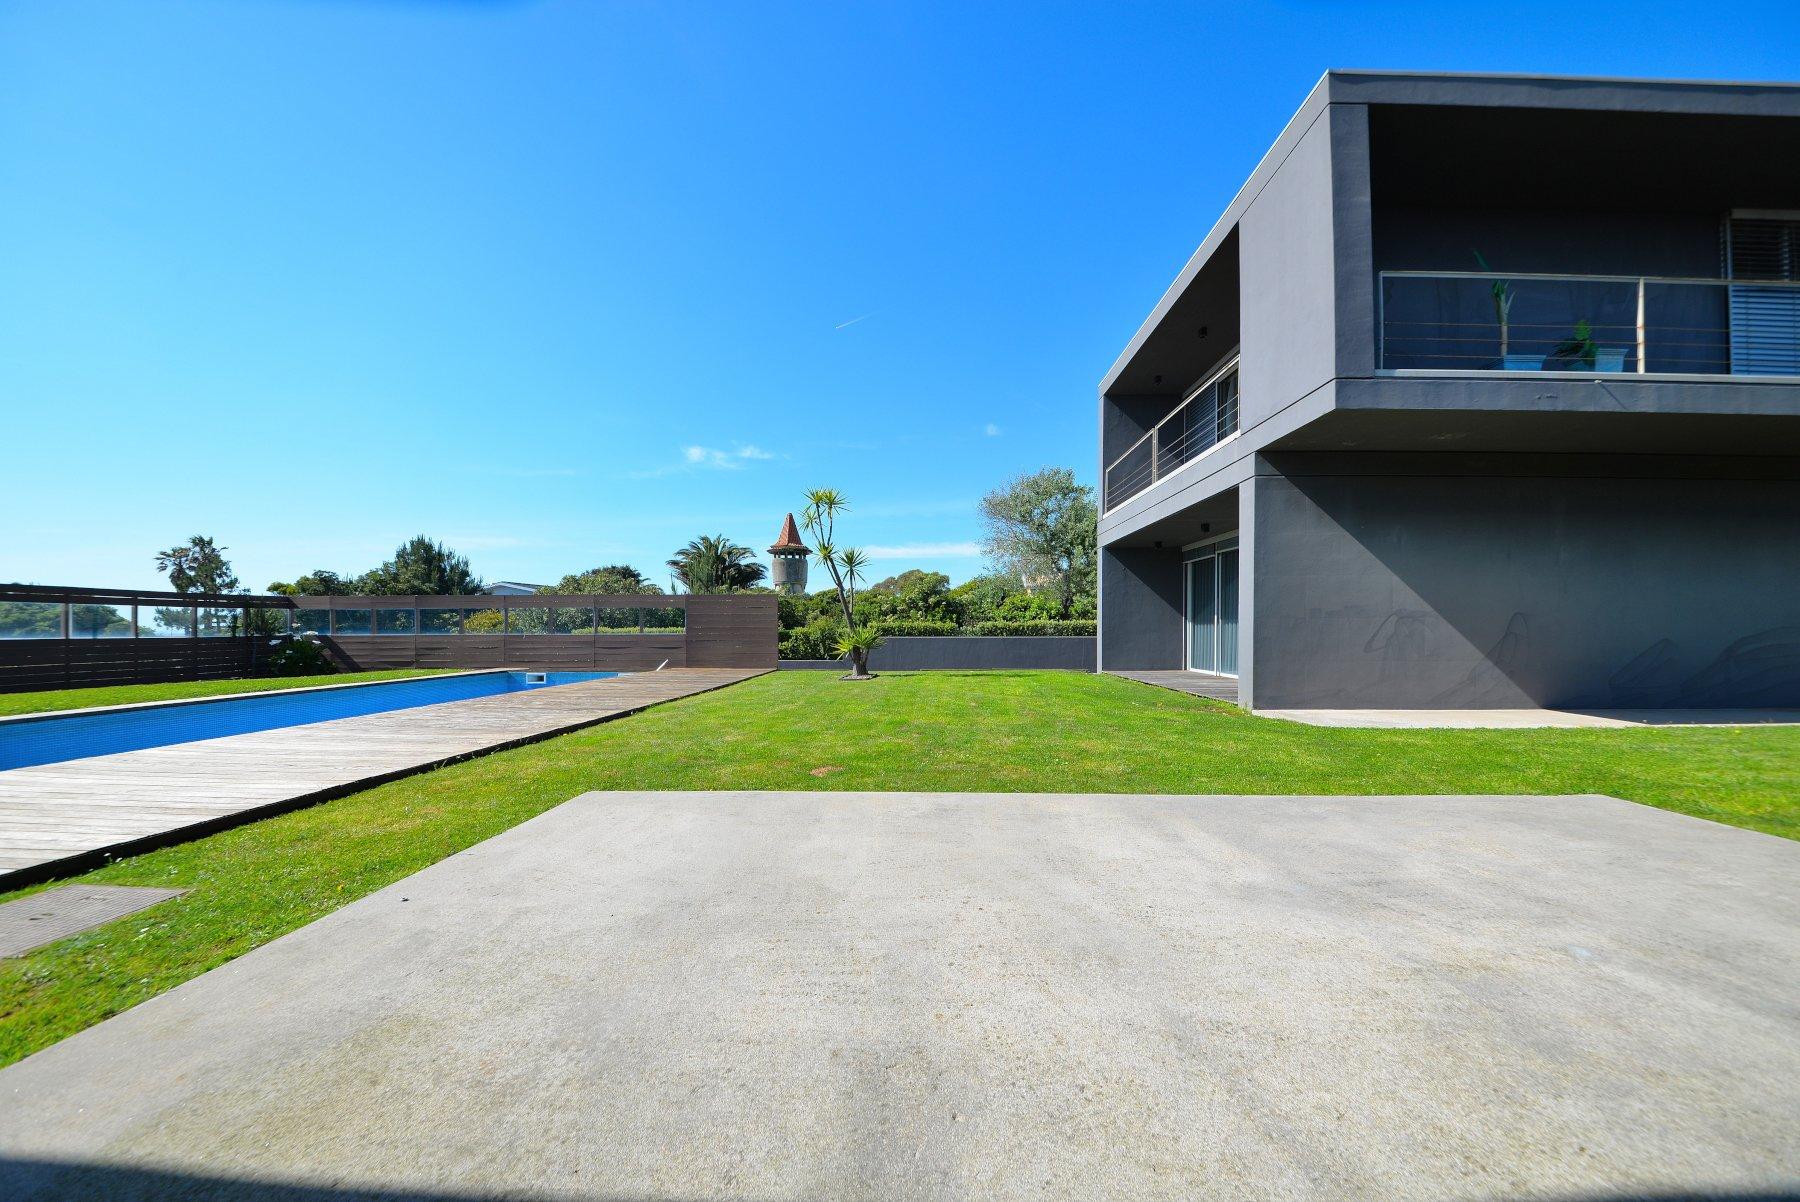 6 Bedroom Villa Vila Nova de Gaia, Porto Ref: AVP40